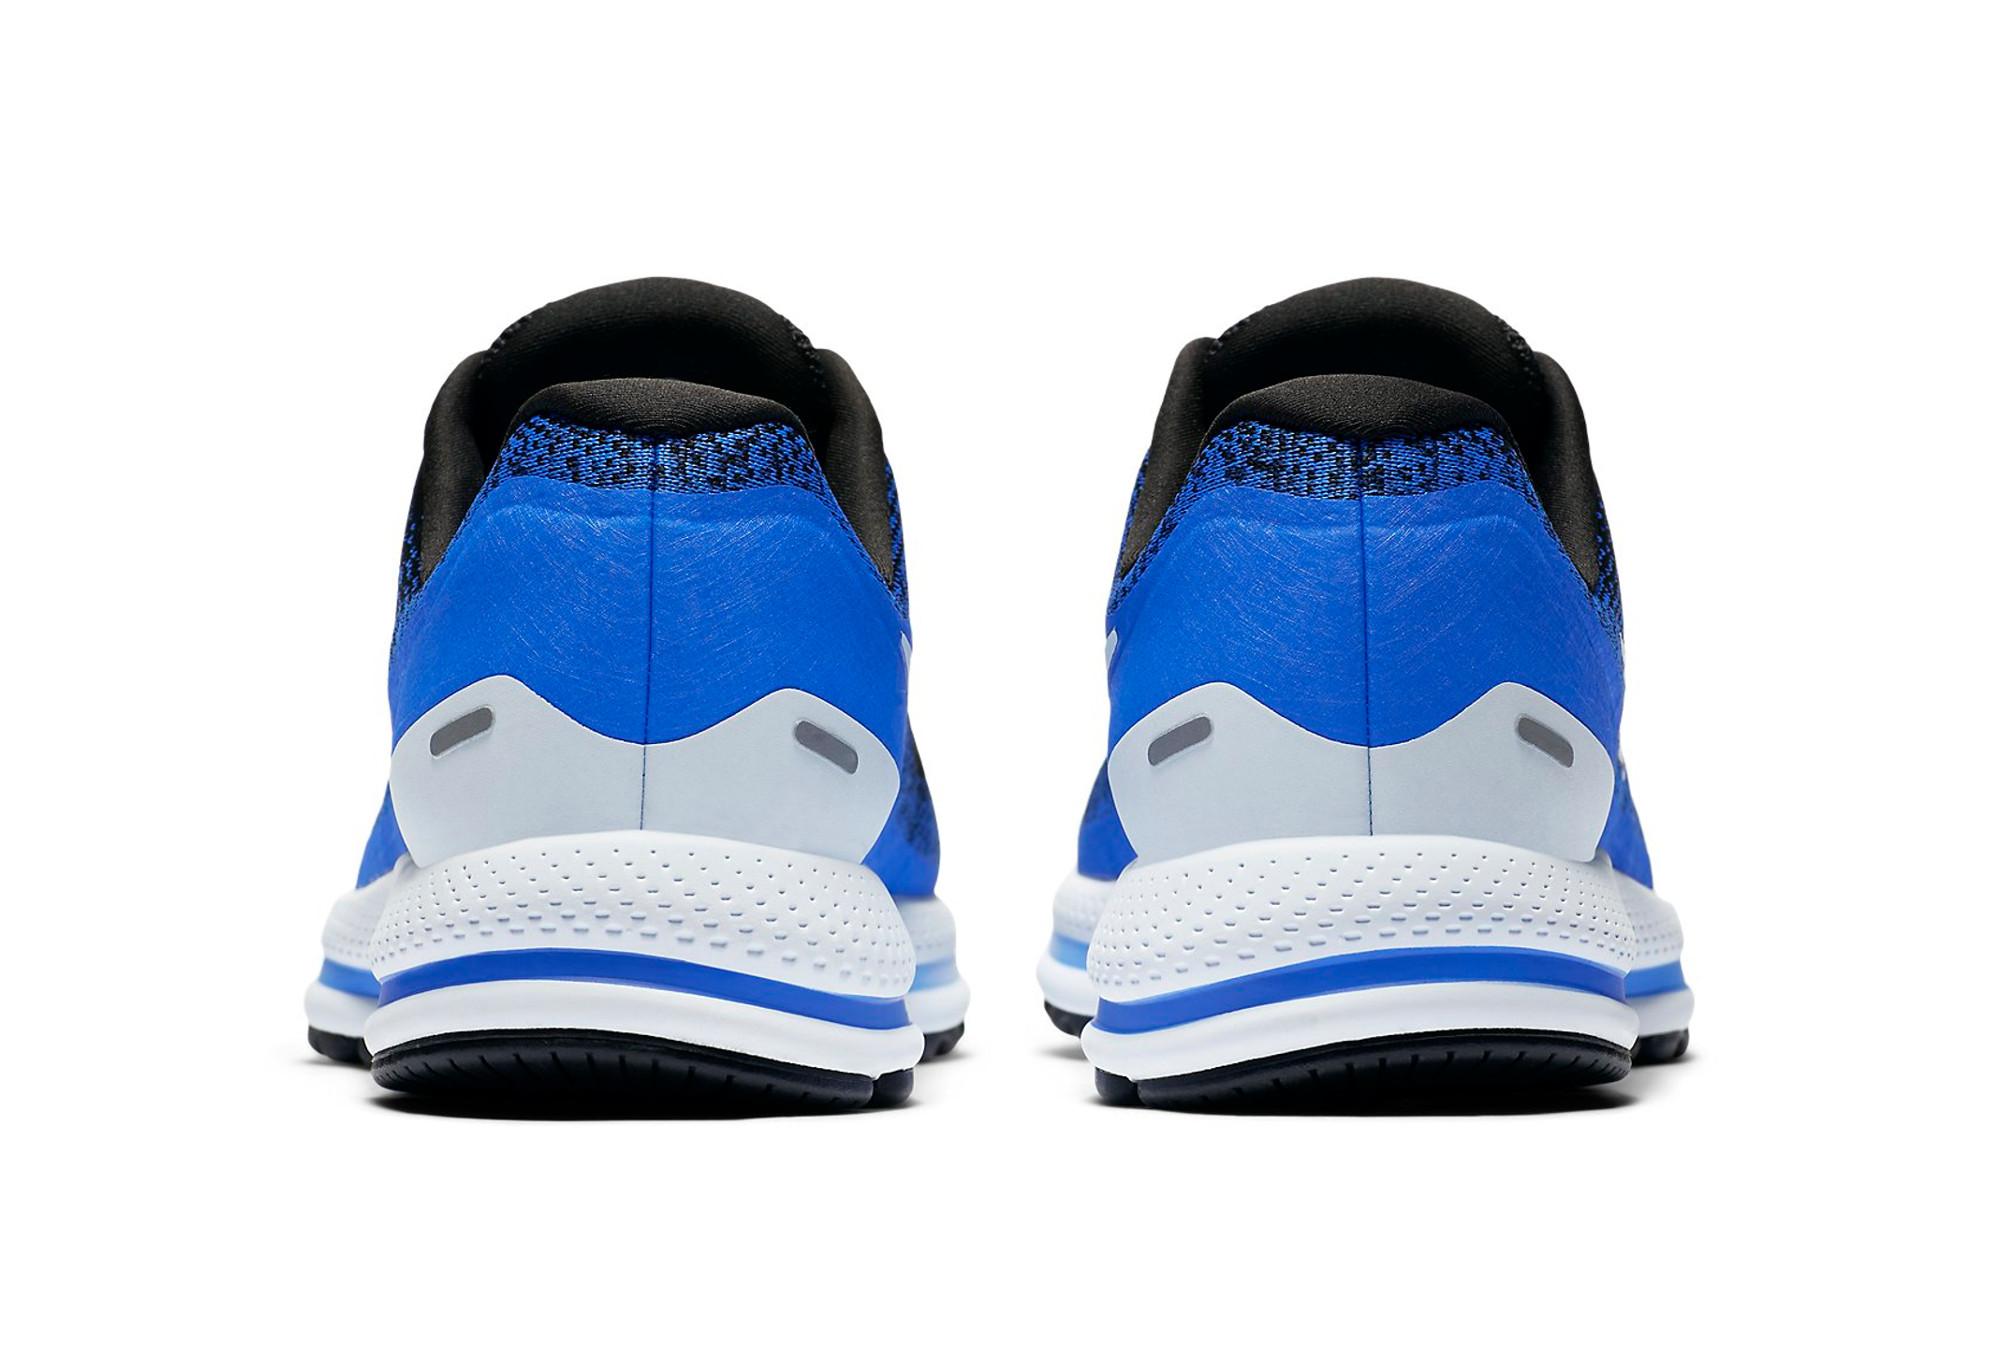 big sale d5804 688fe Chaussures de Running Nike Air Zoom Vomero 13 Bleu   Noir